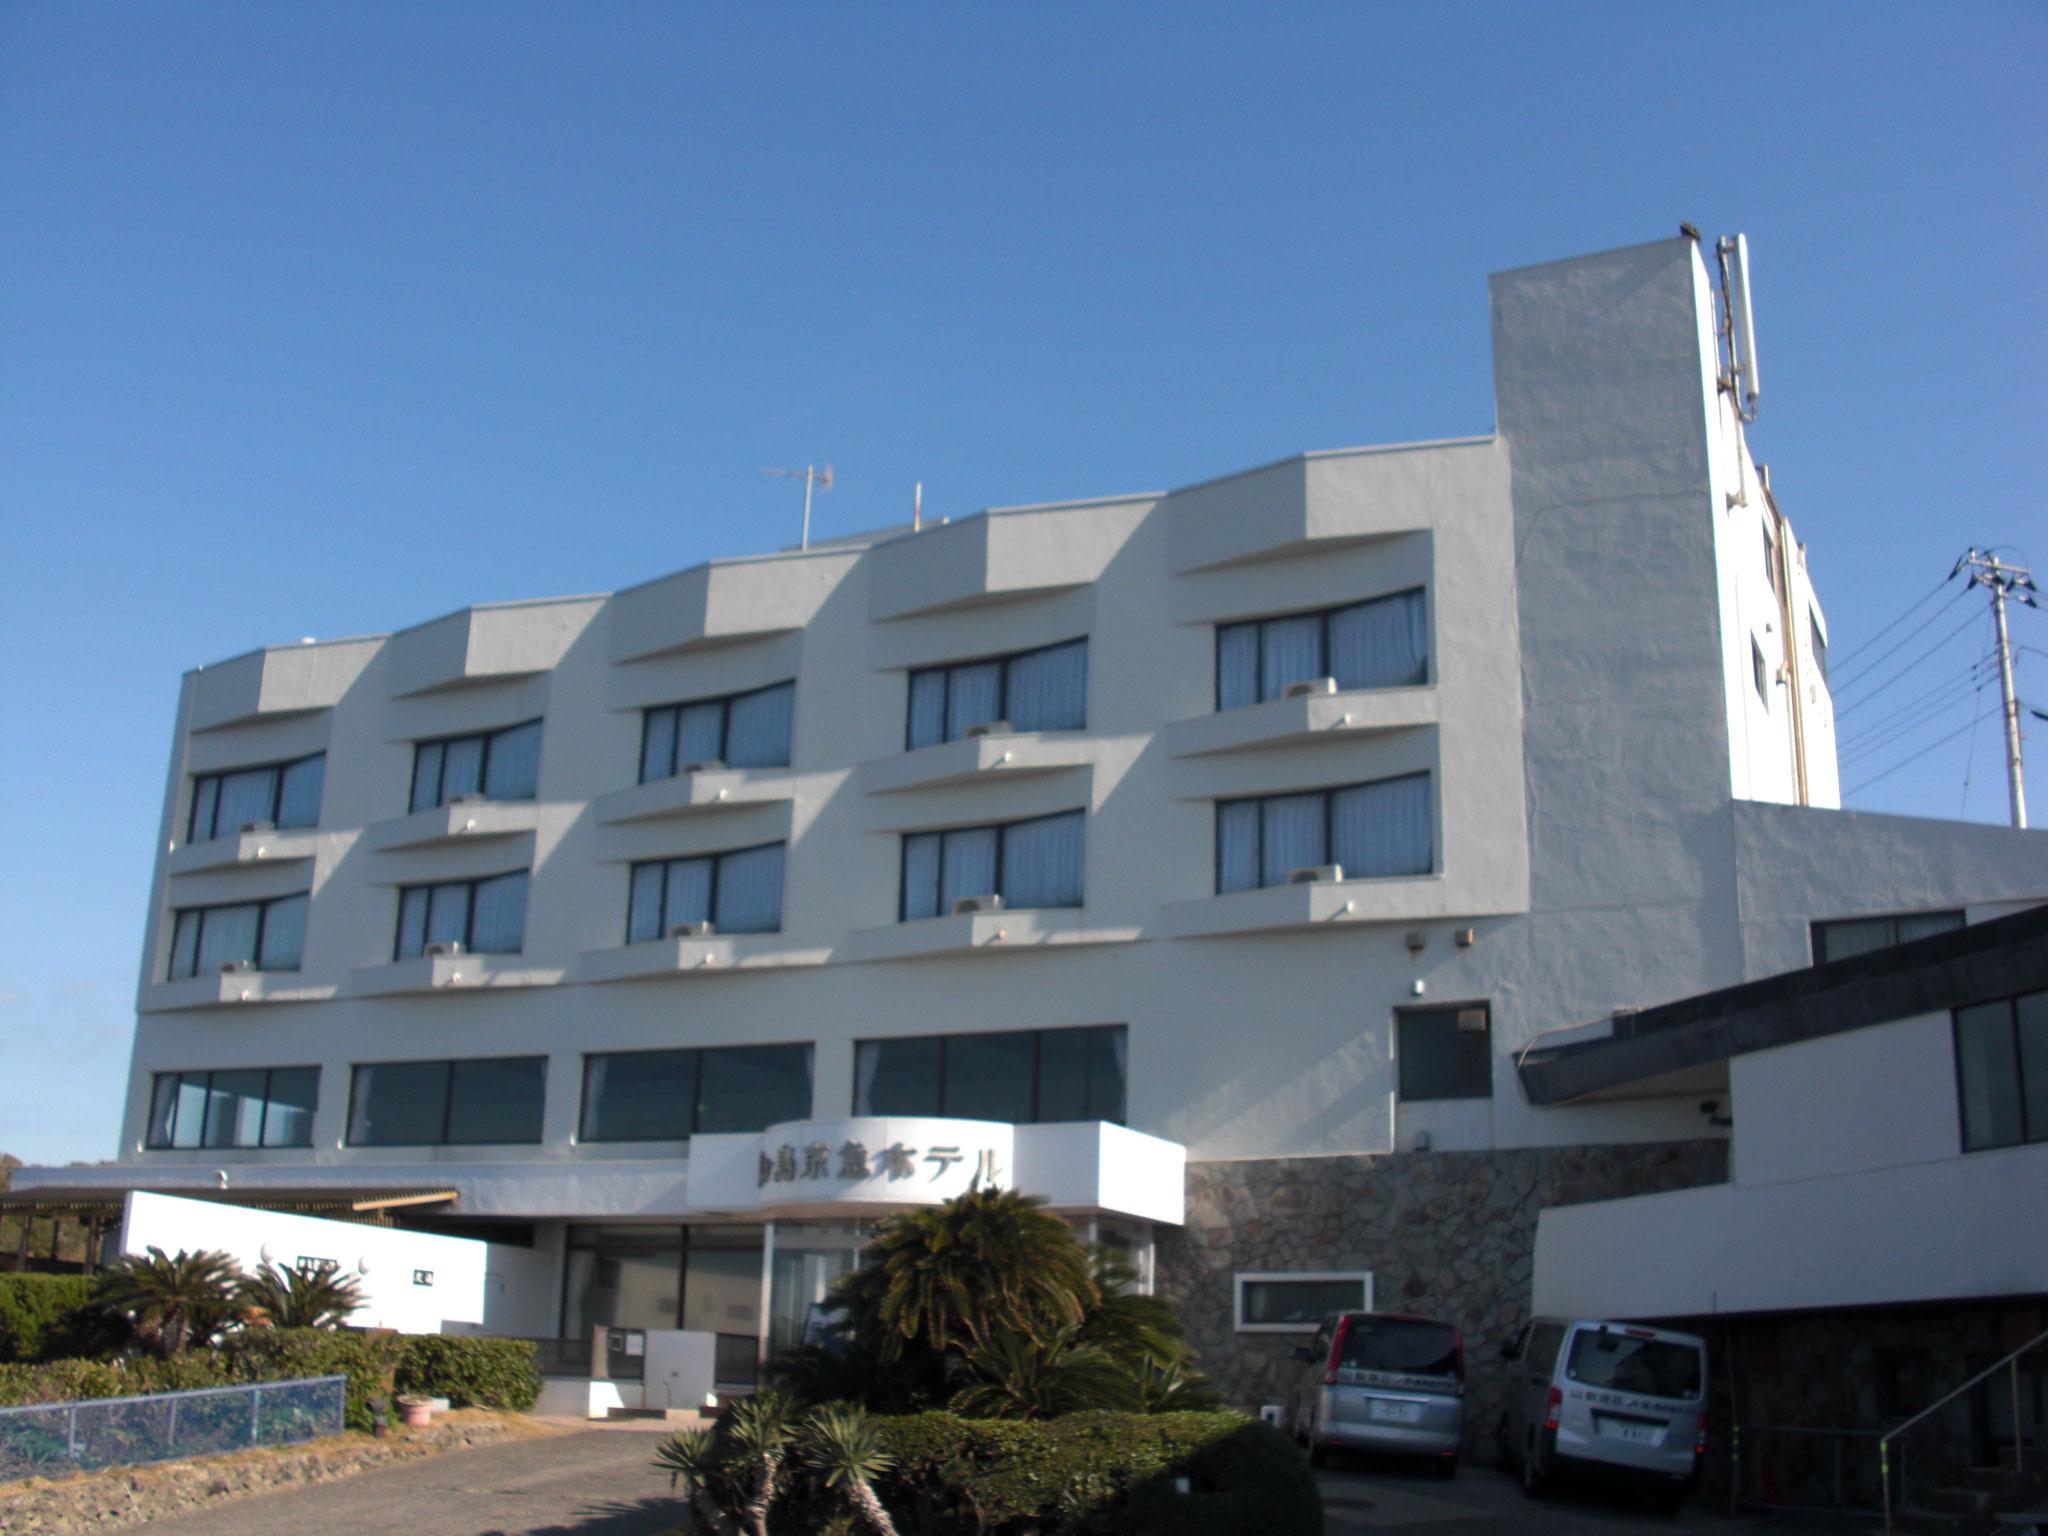 京急ホテル隣接です